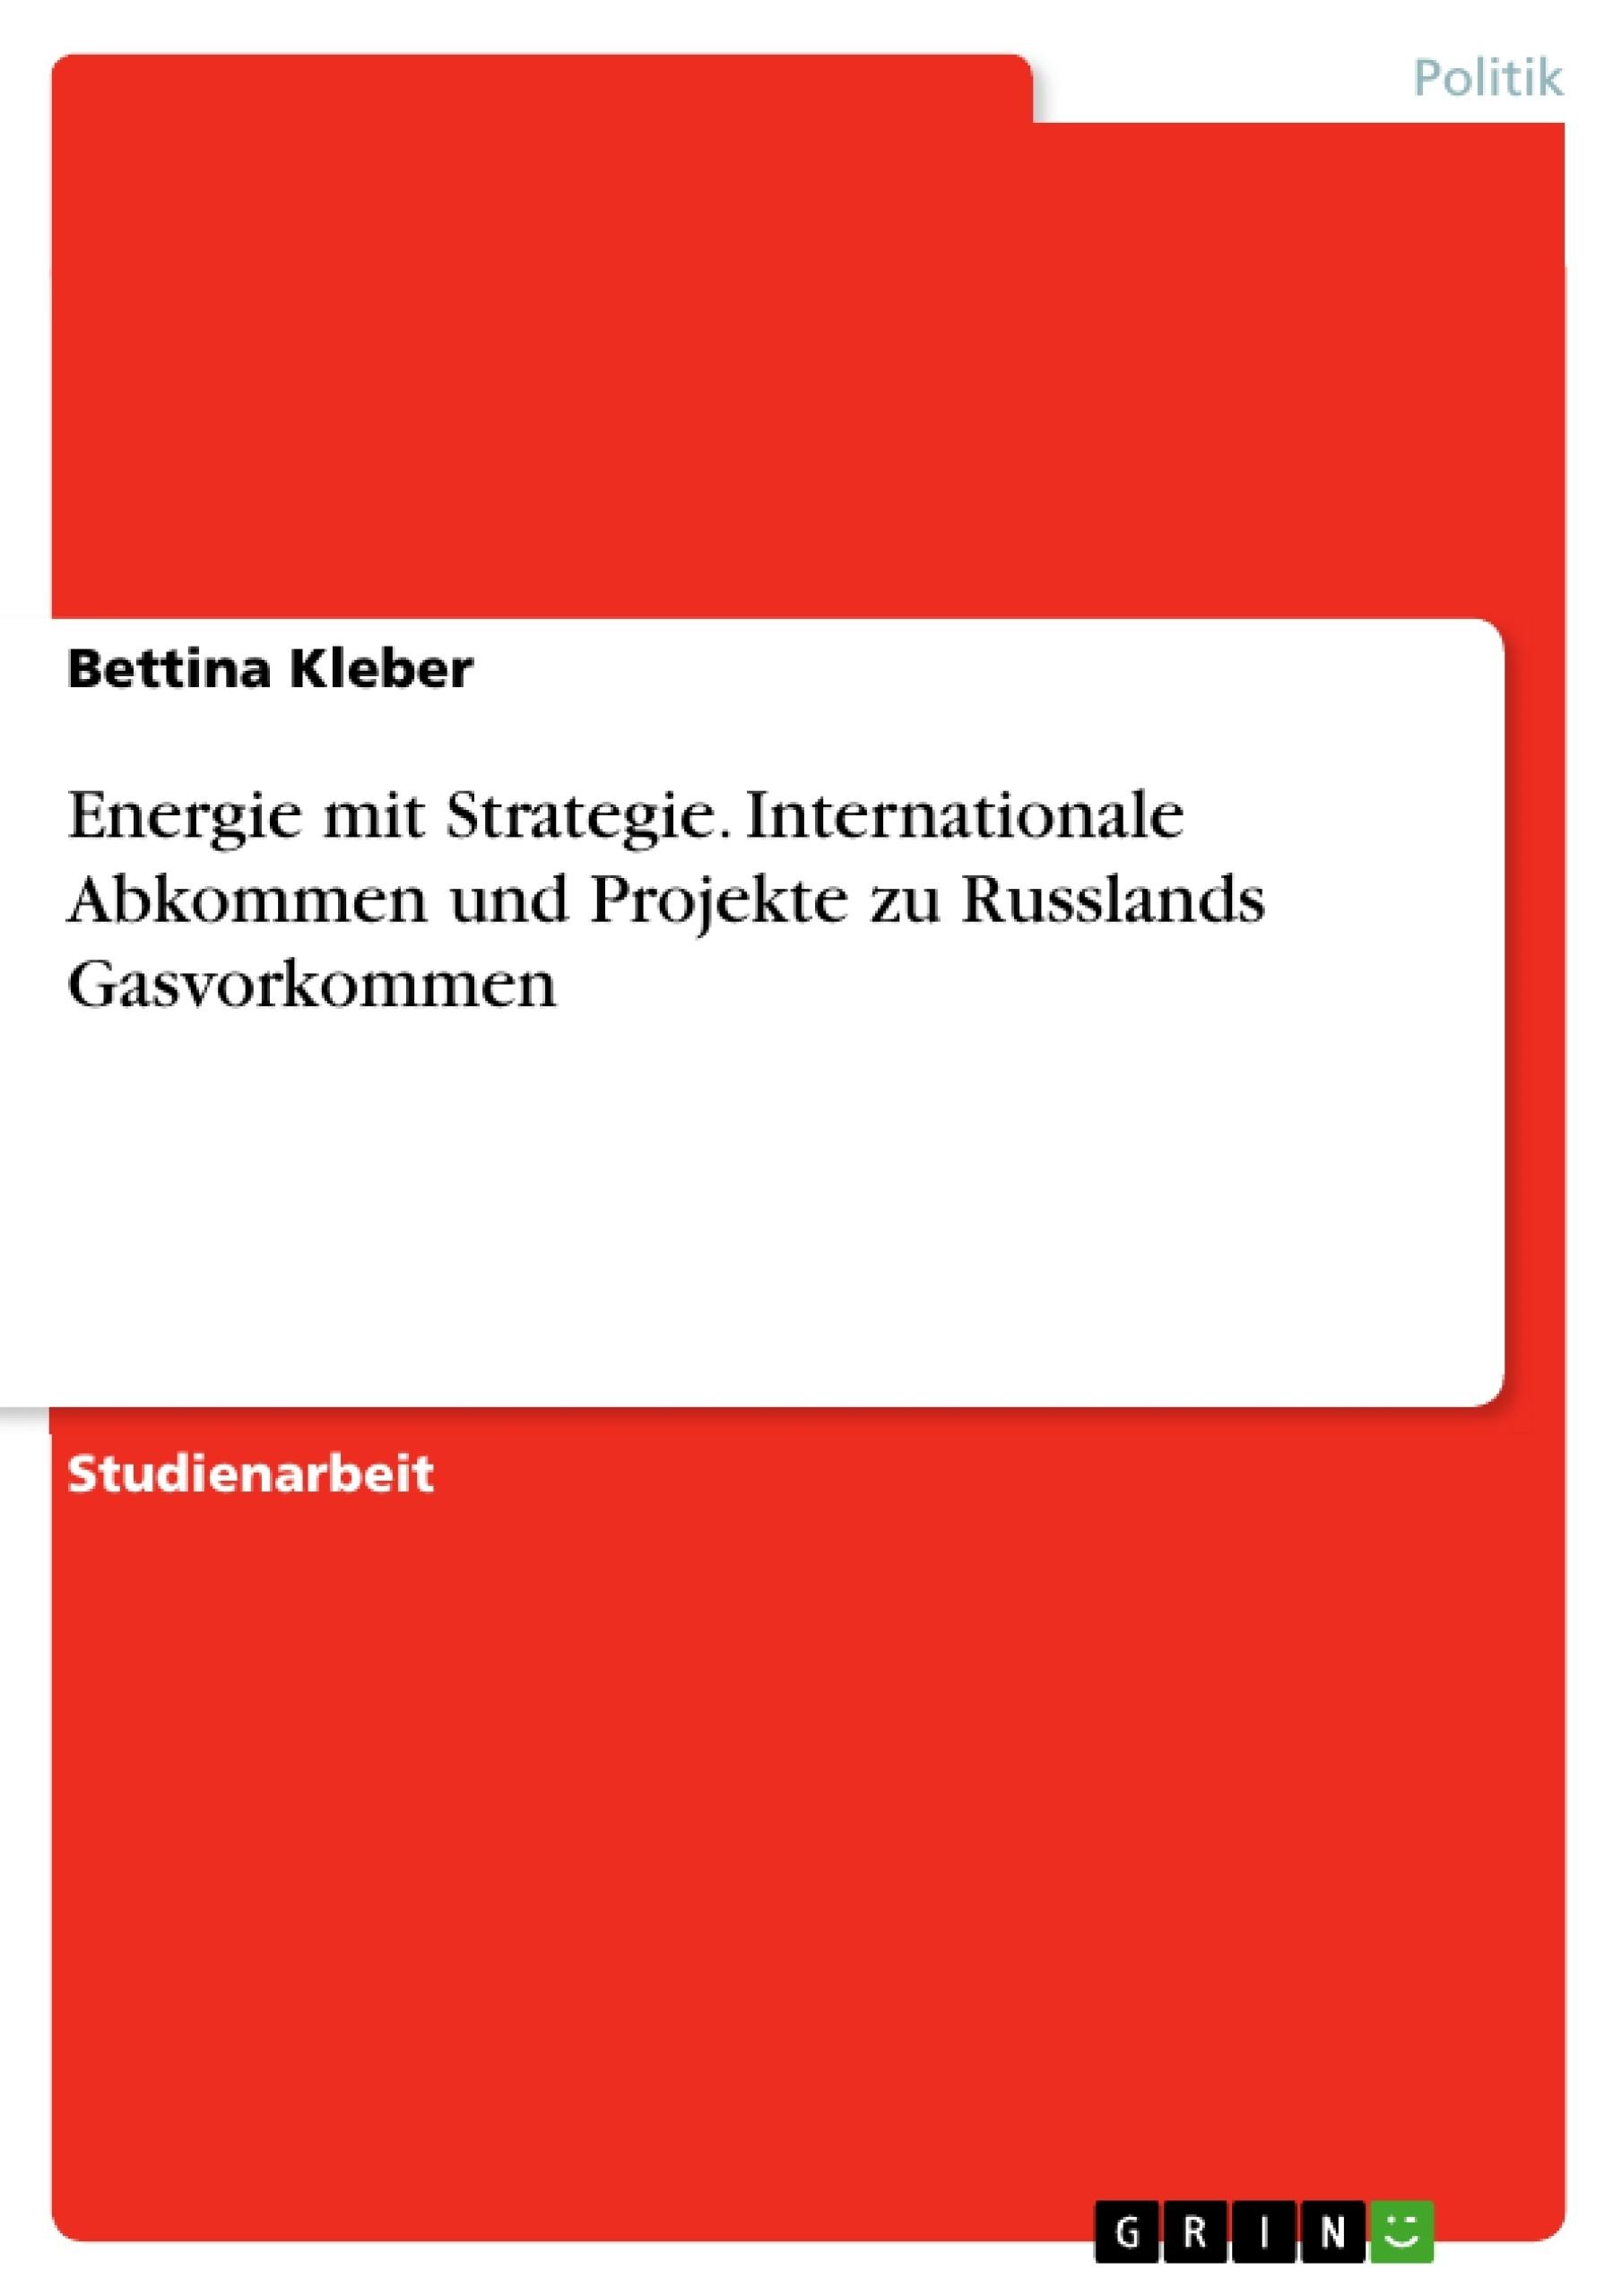 Titel: Energie mit Strategie. Internationale Abkommen und Projekte zu Russlands Gasvorkommen